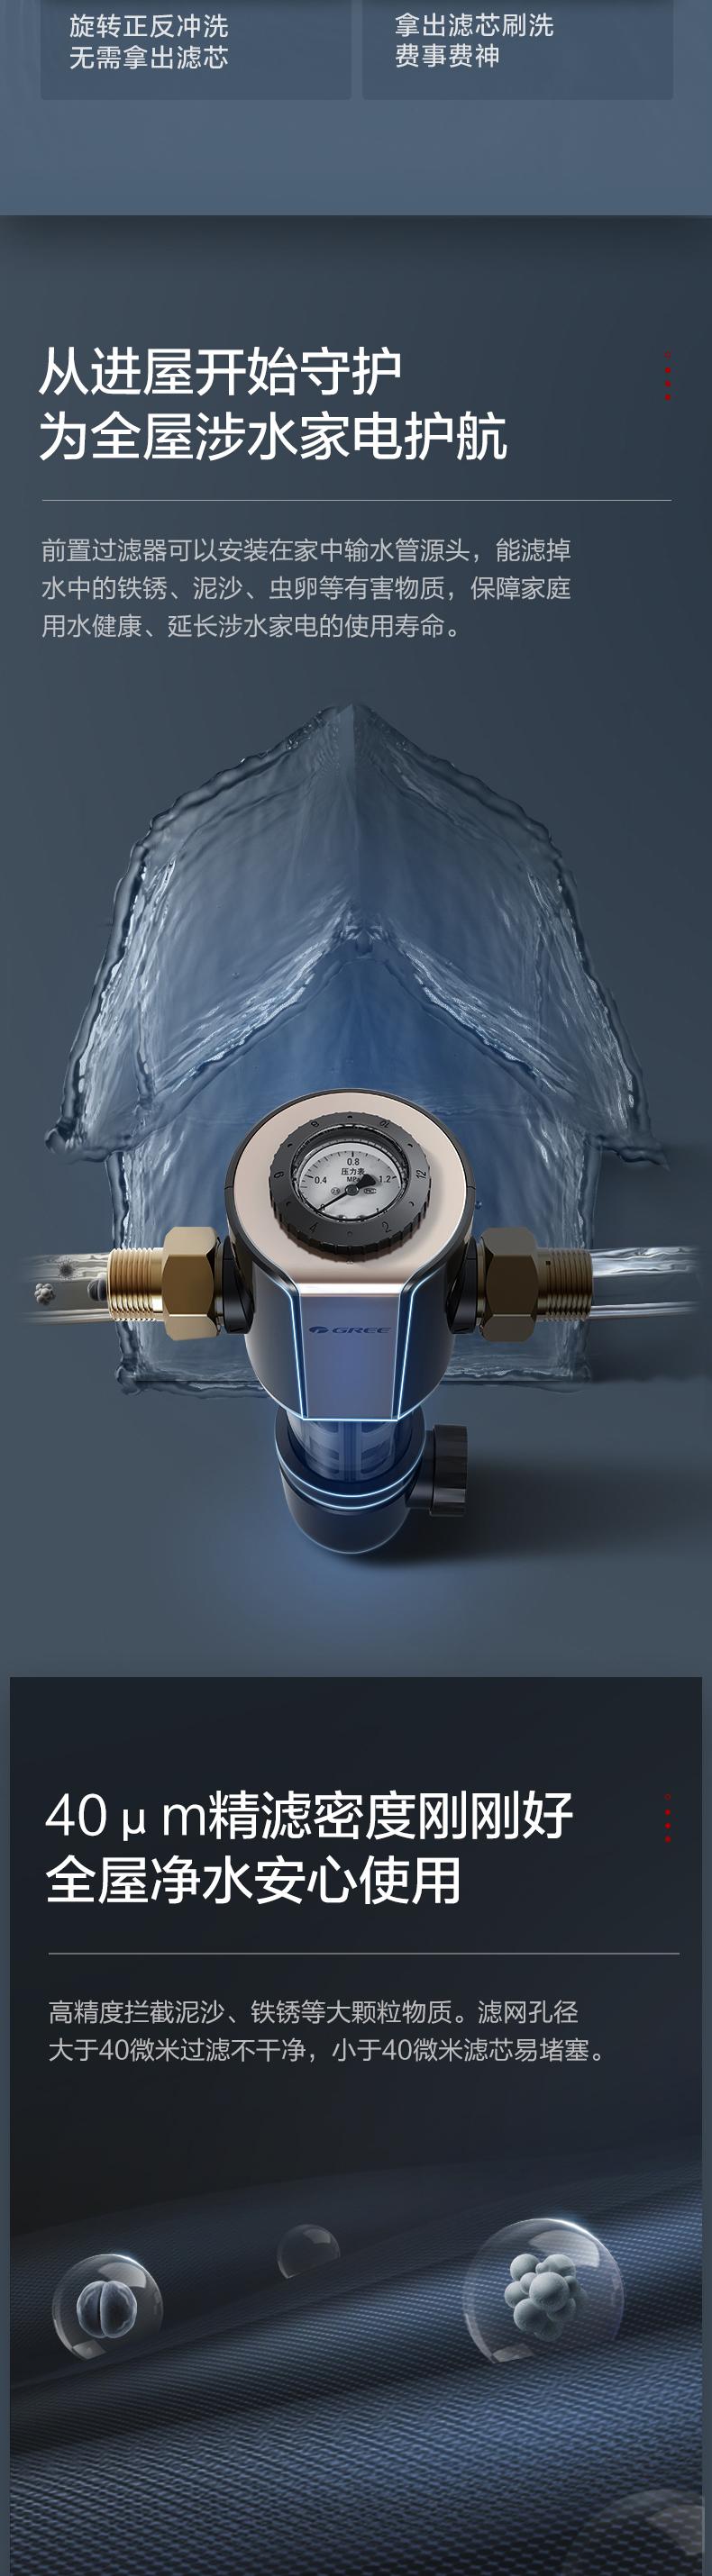 新低,316医用级不锈钢、水压检测:格力 反冲洗前置过滤器 379元 1点前下单(门店599元) 买手党-买手聚集的地方